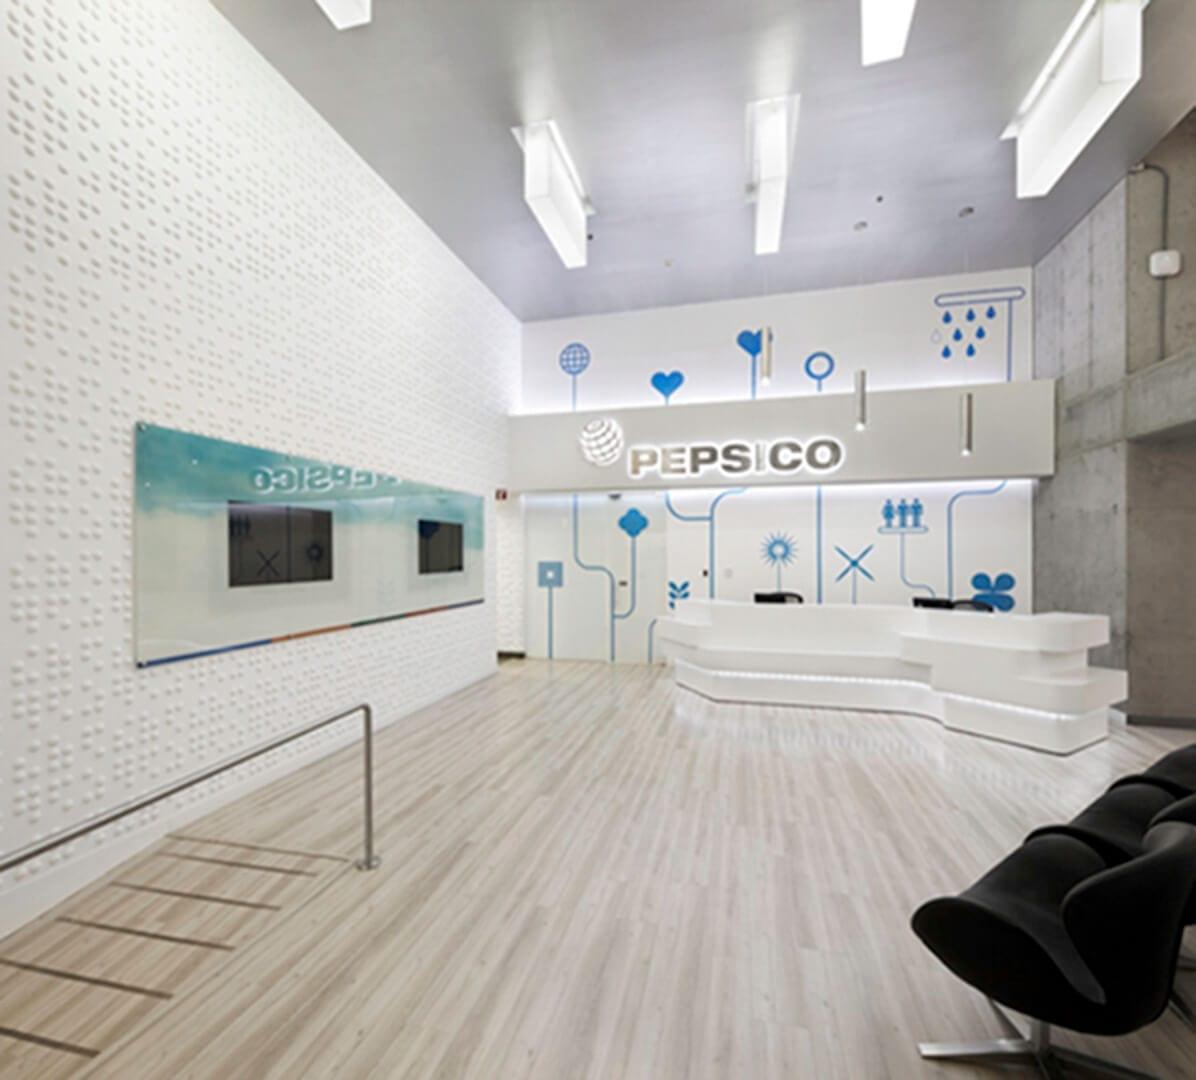 Desarrollo integral de los nuevos laboratorios de PepsiCo